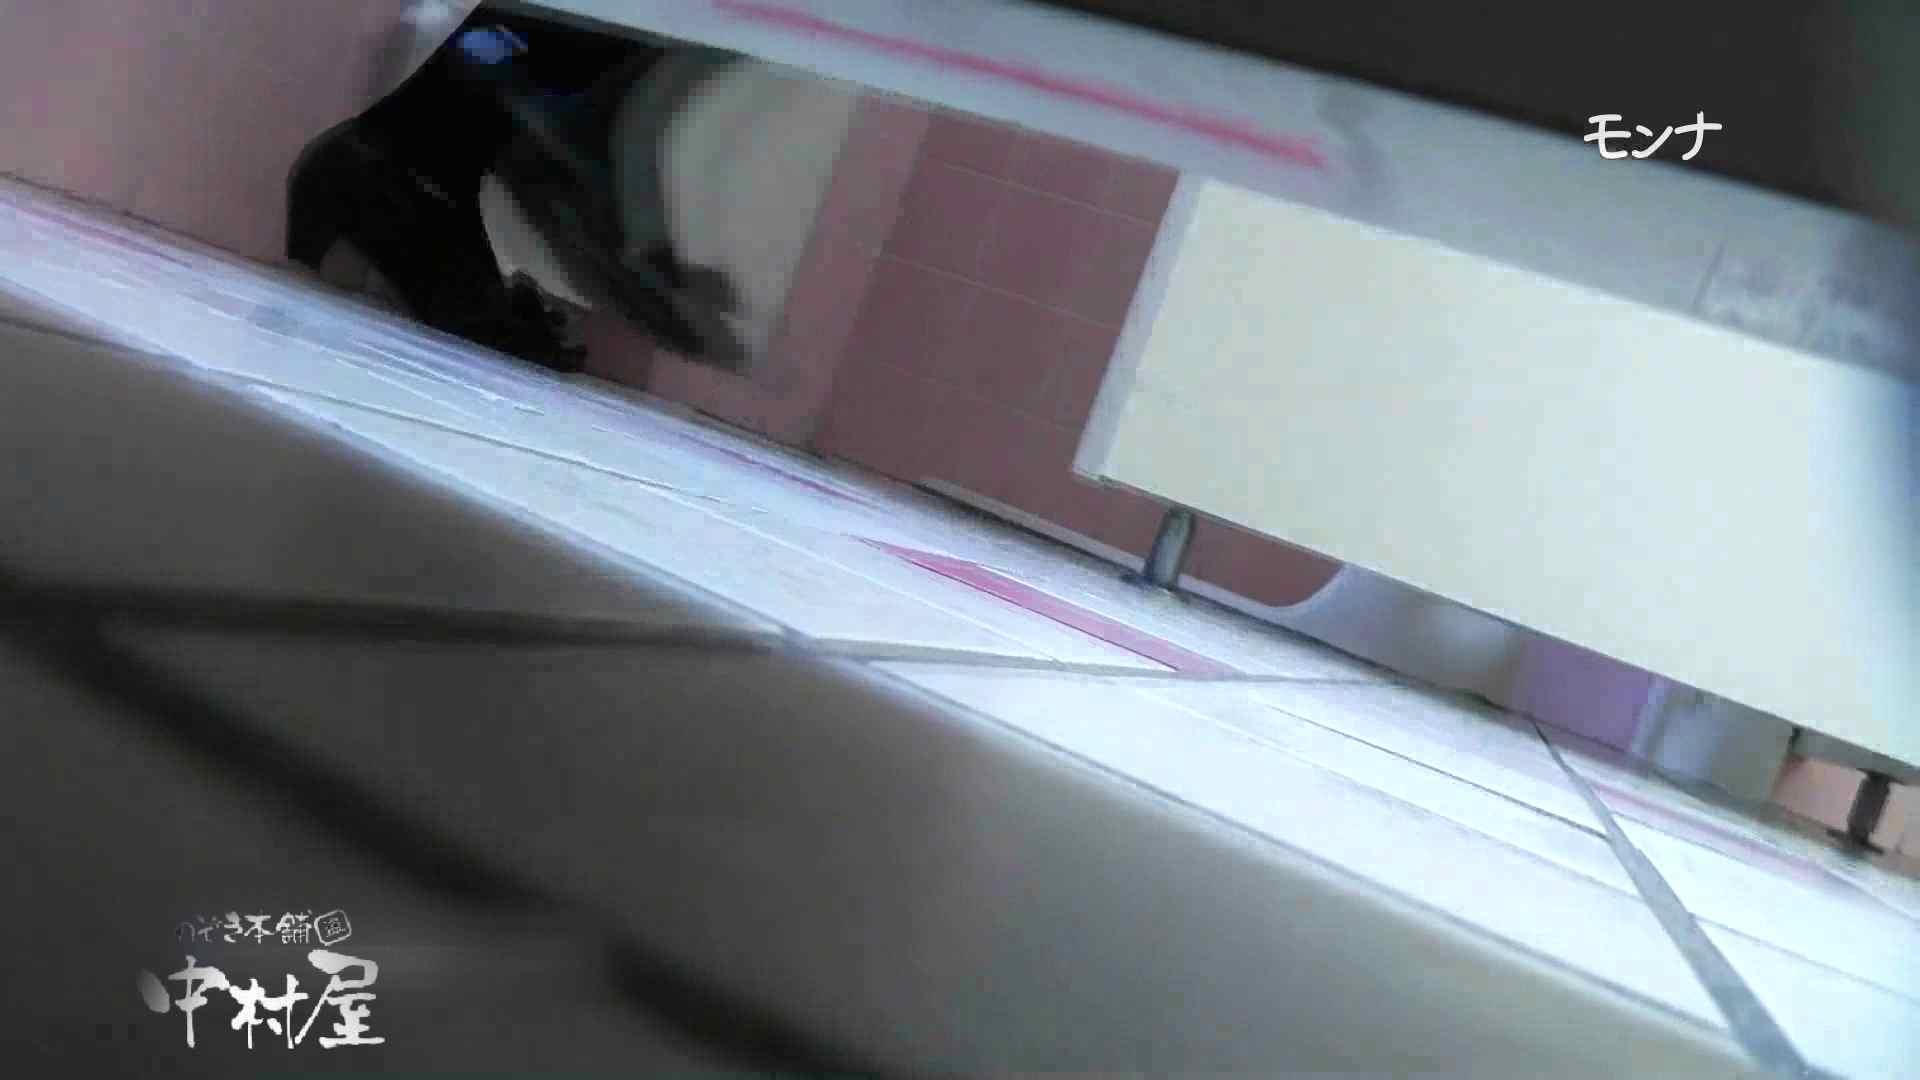 【美しい日本の未来】遂に!!戸田恵梨香似の予告モデル登場ダッシュで「大」後編 モデルのカラダ   0  12pic 1